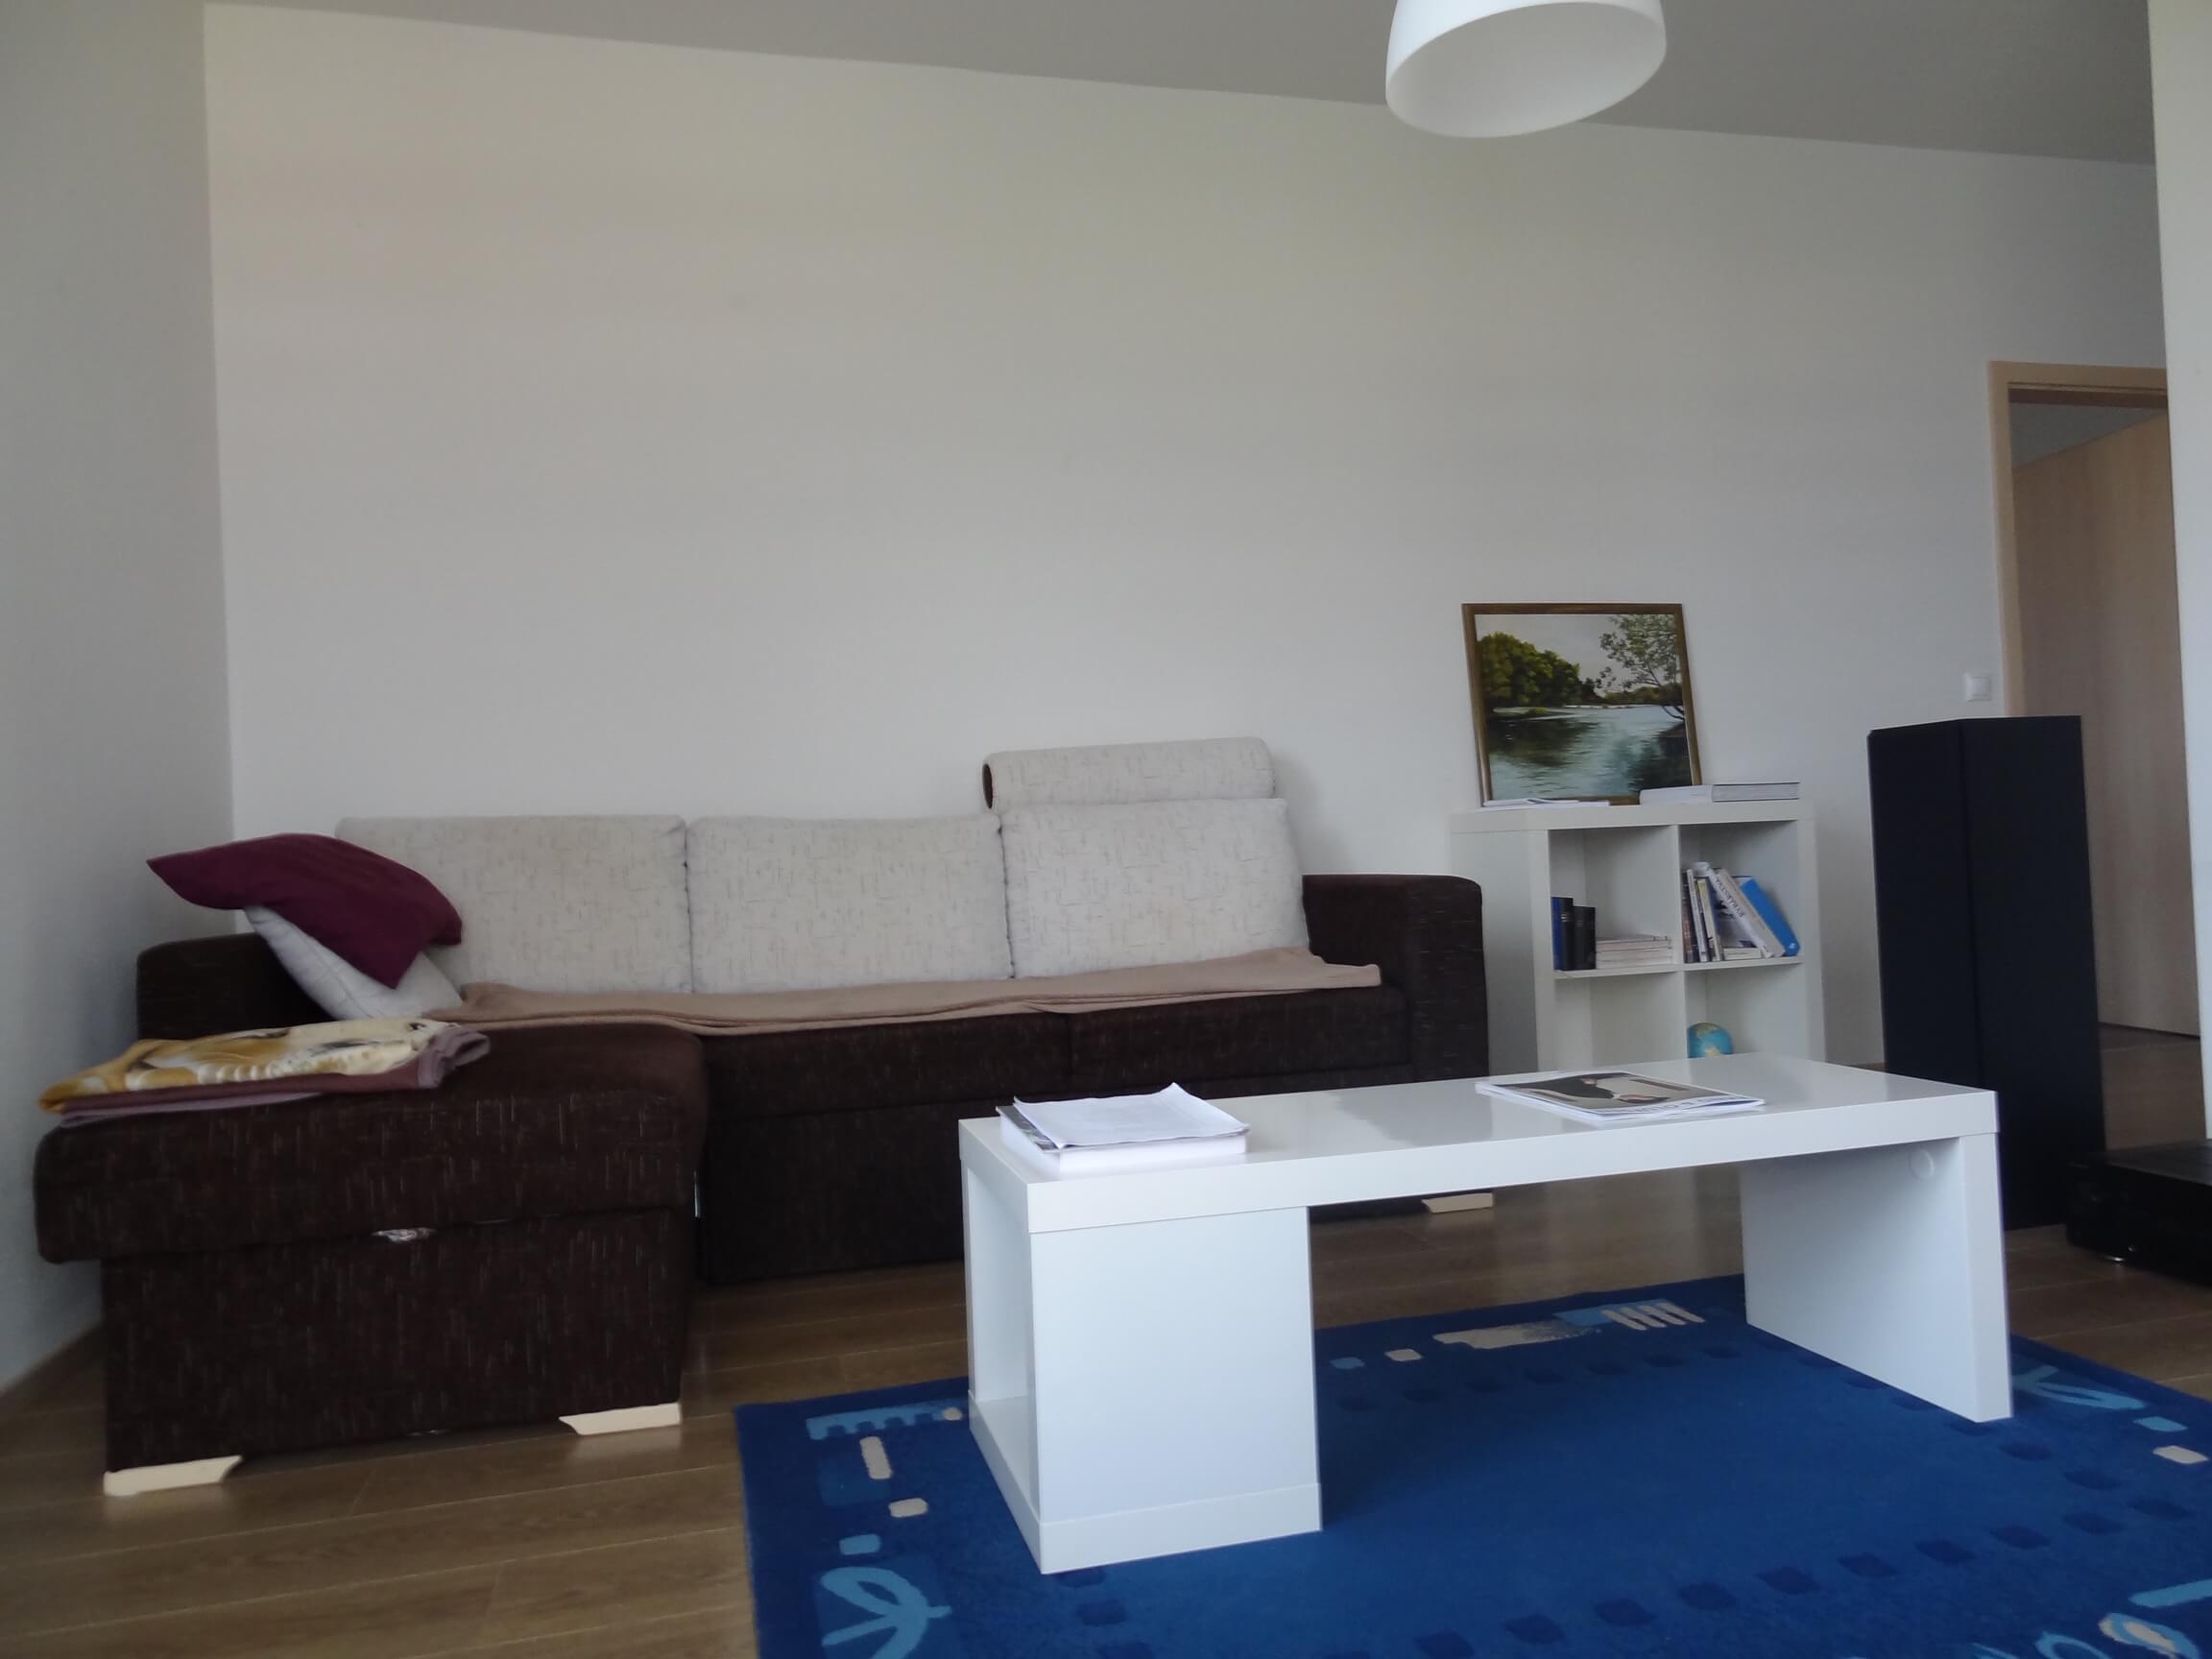 Predaný: Exkluzívne na predaj 3 Izbový byt v novostavbe, 87,2m2, loggia 7,4m2, Družstevná, Hamuliakovo-22